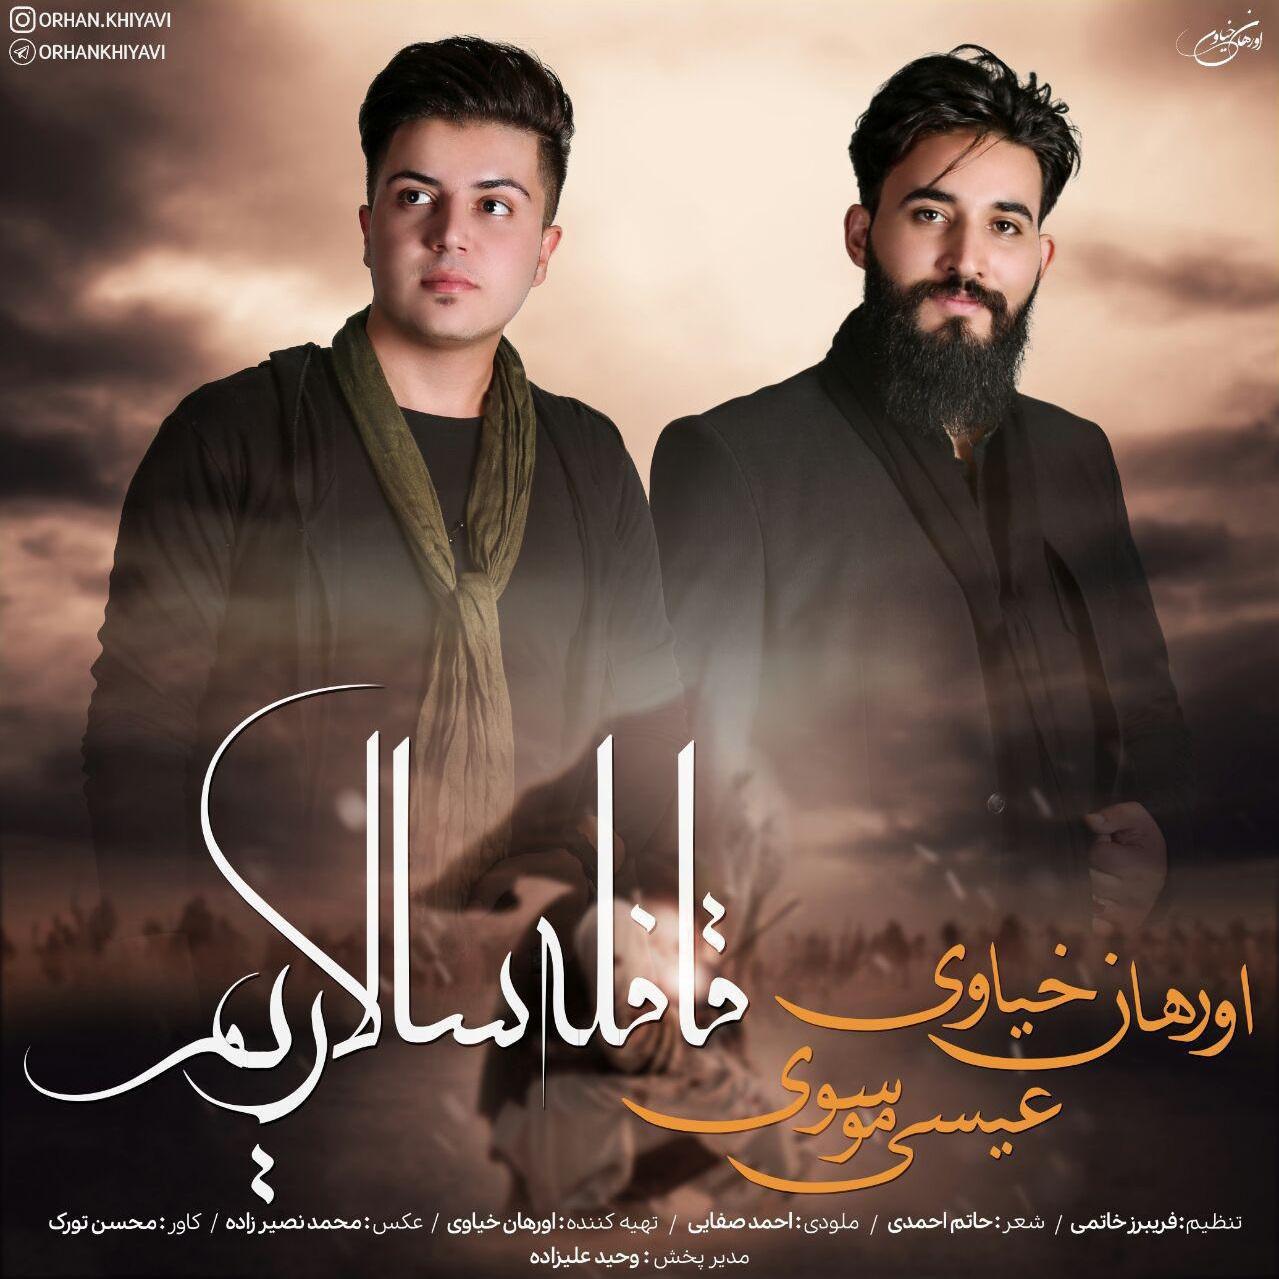 http://s5.picofile.com/file/8371733676/13Orhan_Khiyavi_Eisa_Mousavi_Gafele_Salarim.jpg